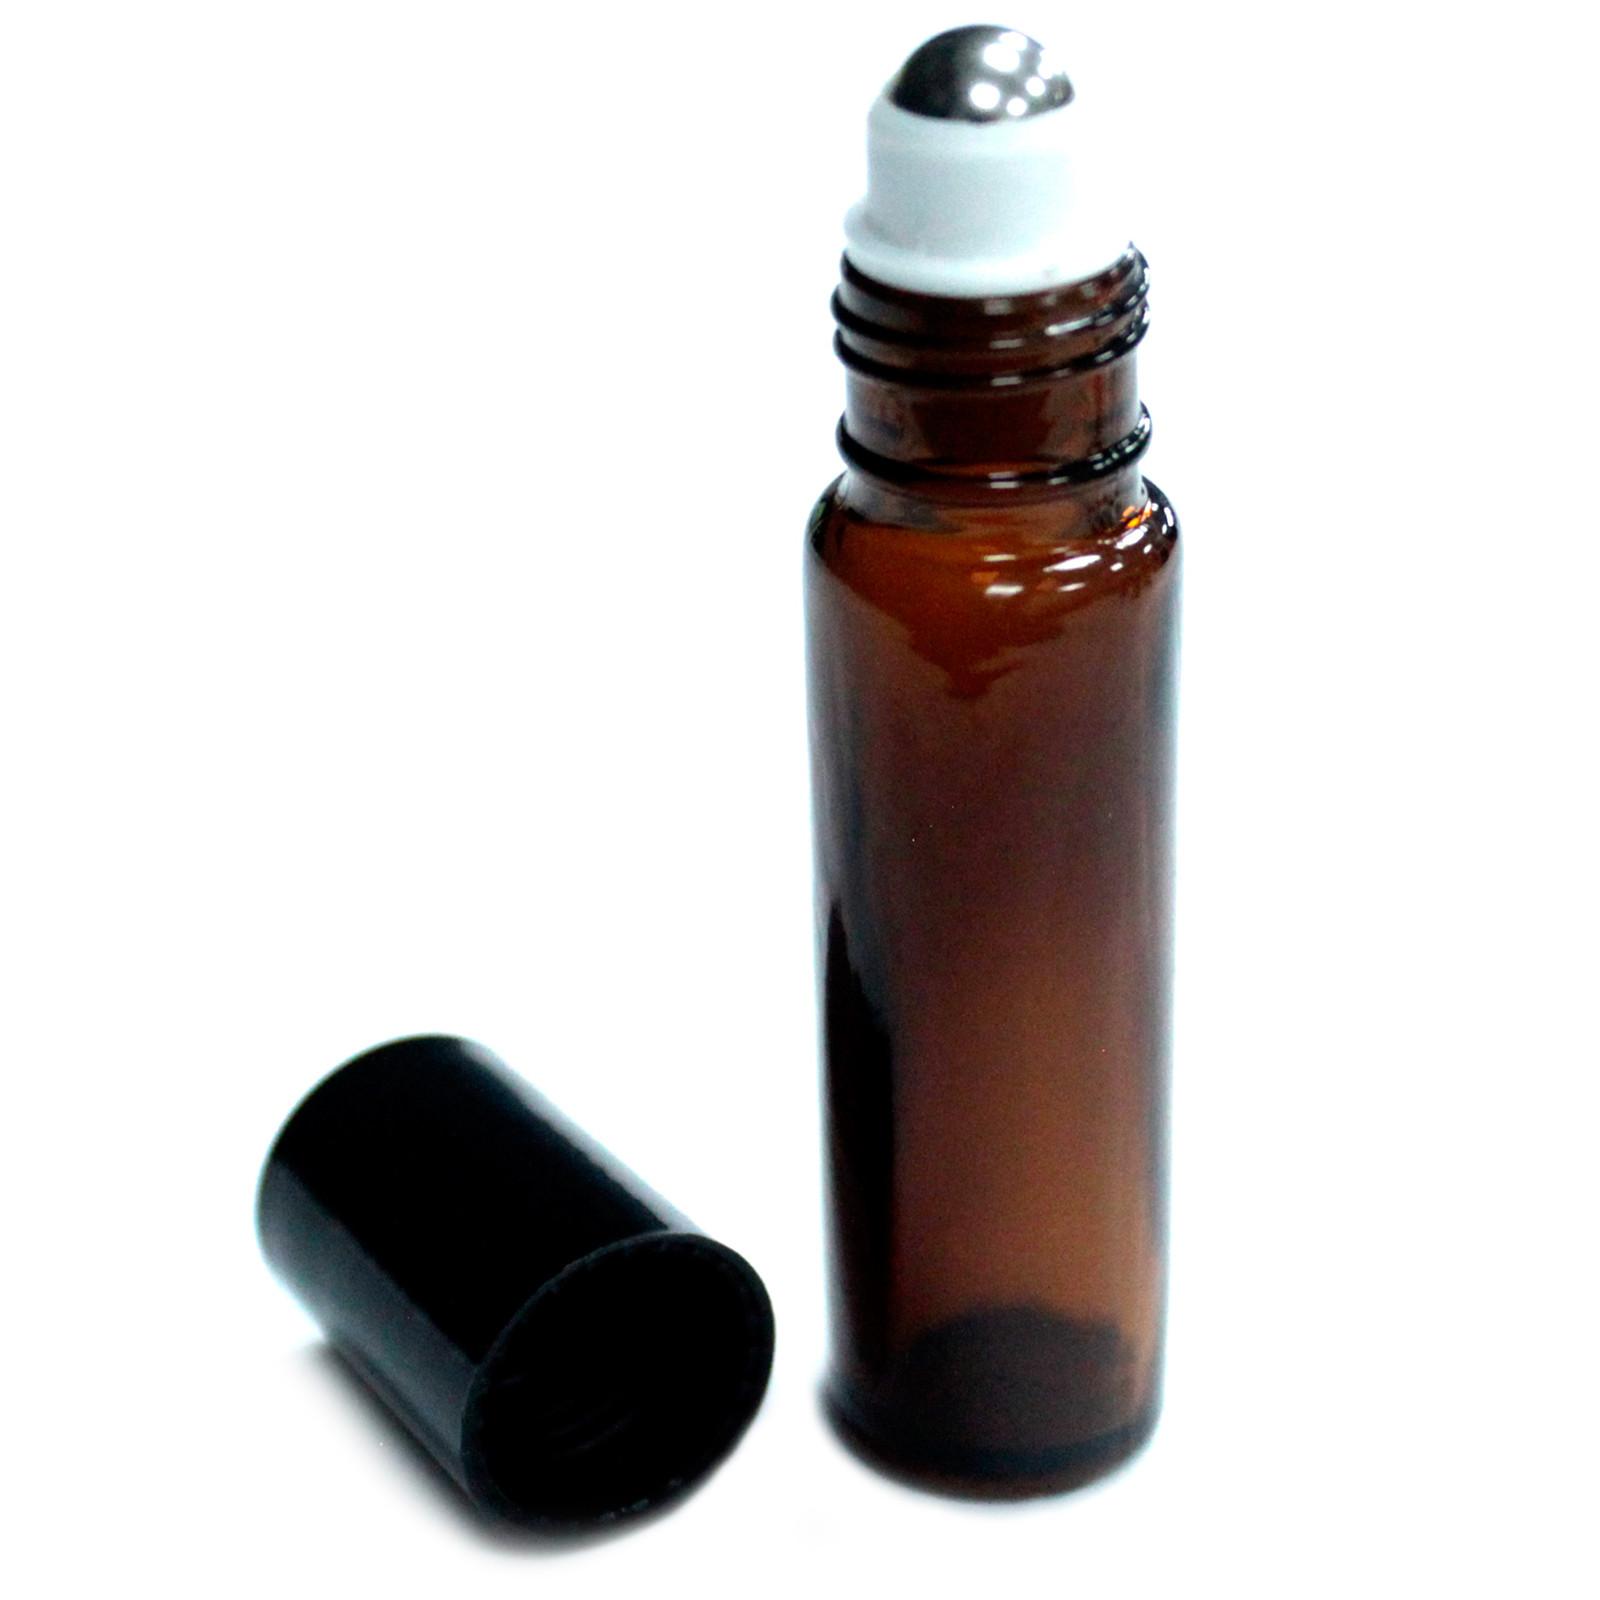 10ml Amber Roller Bottles